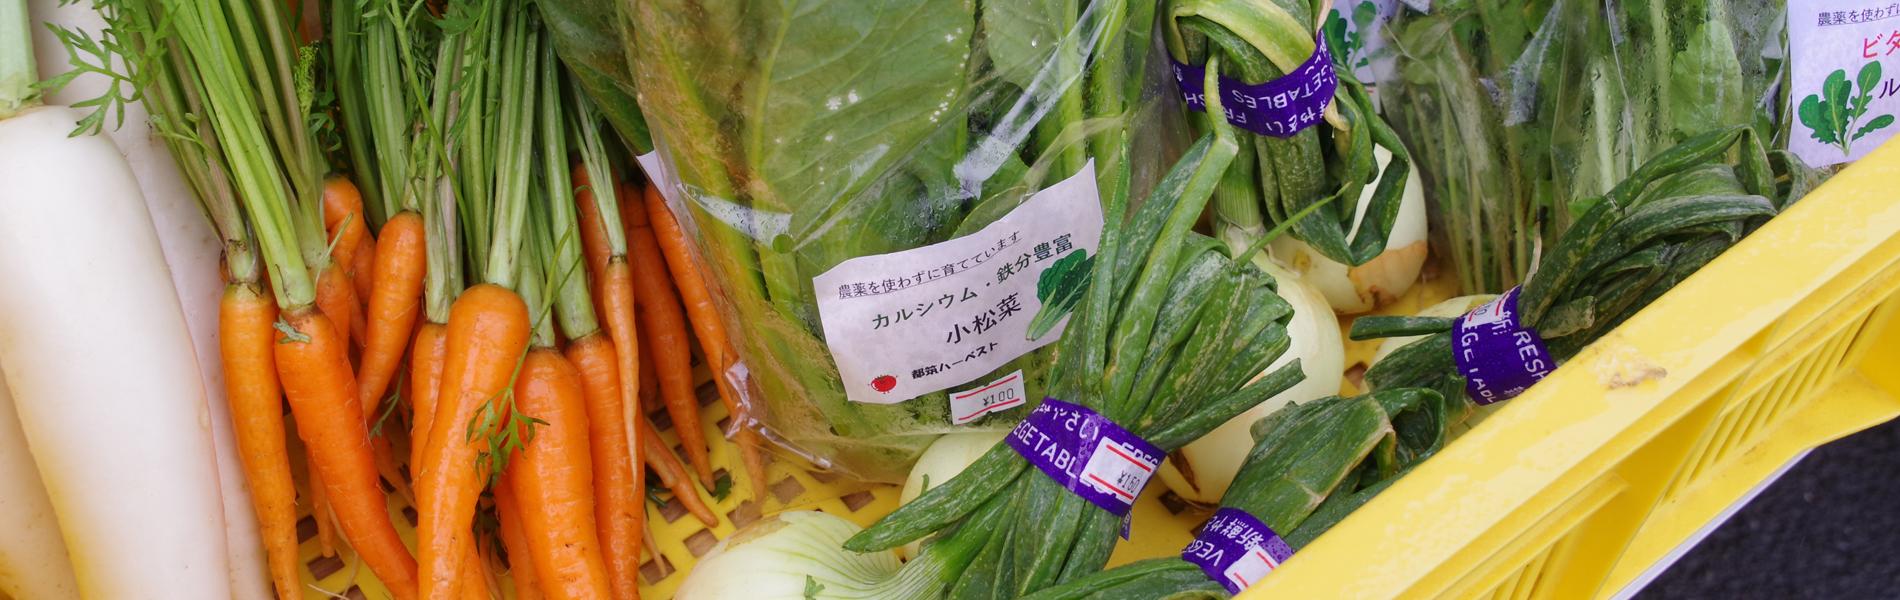 ハーベストで収穫された野菜